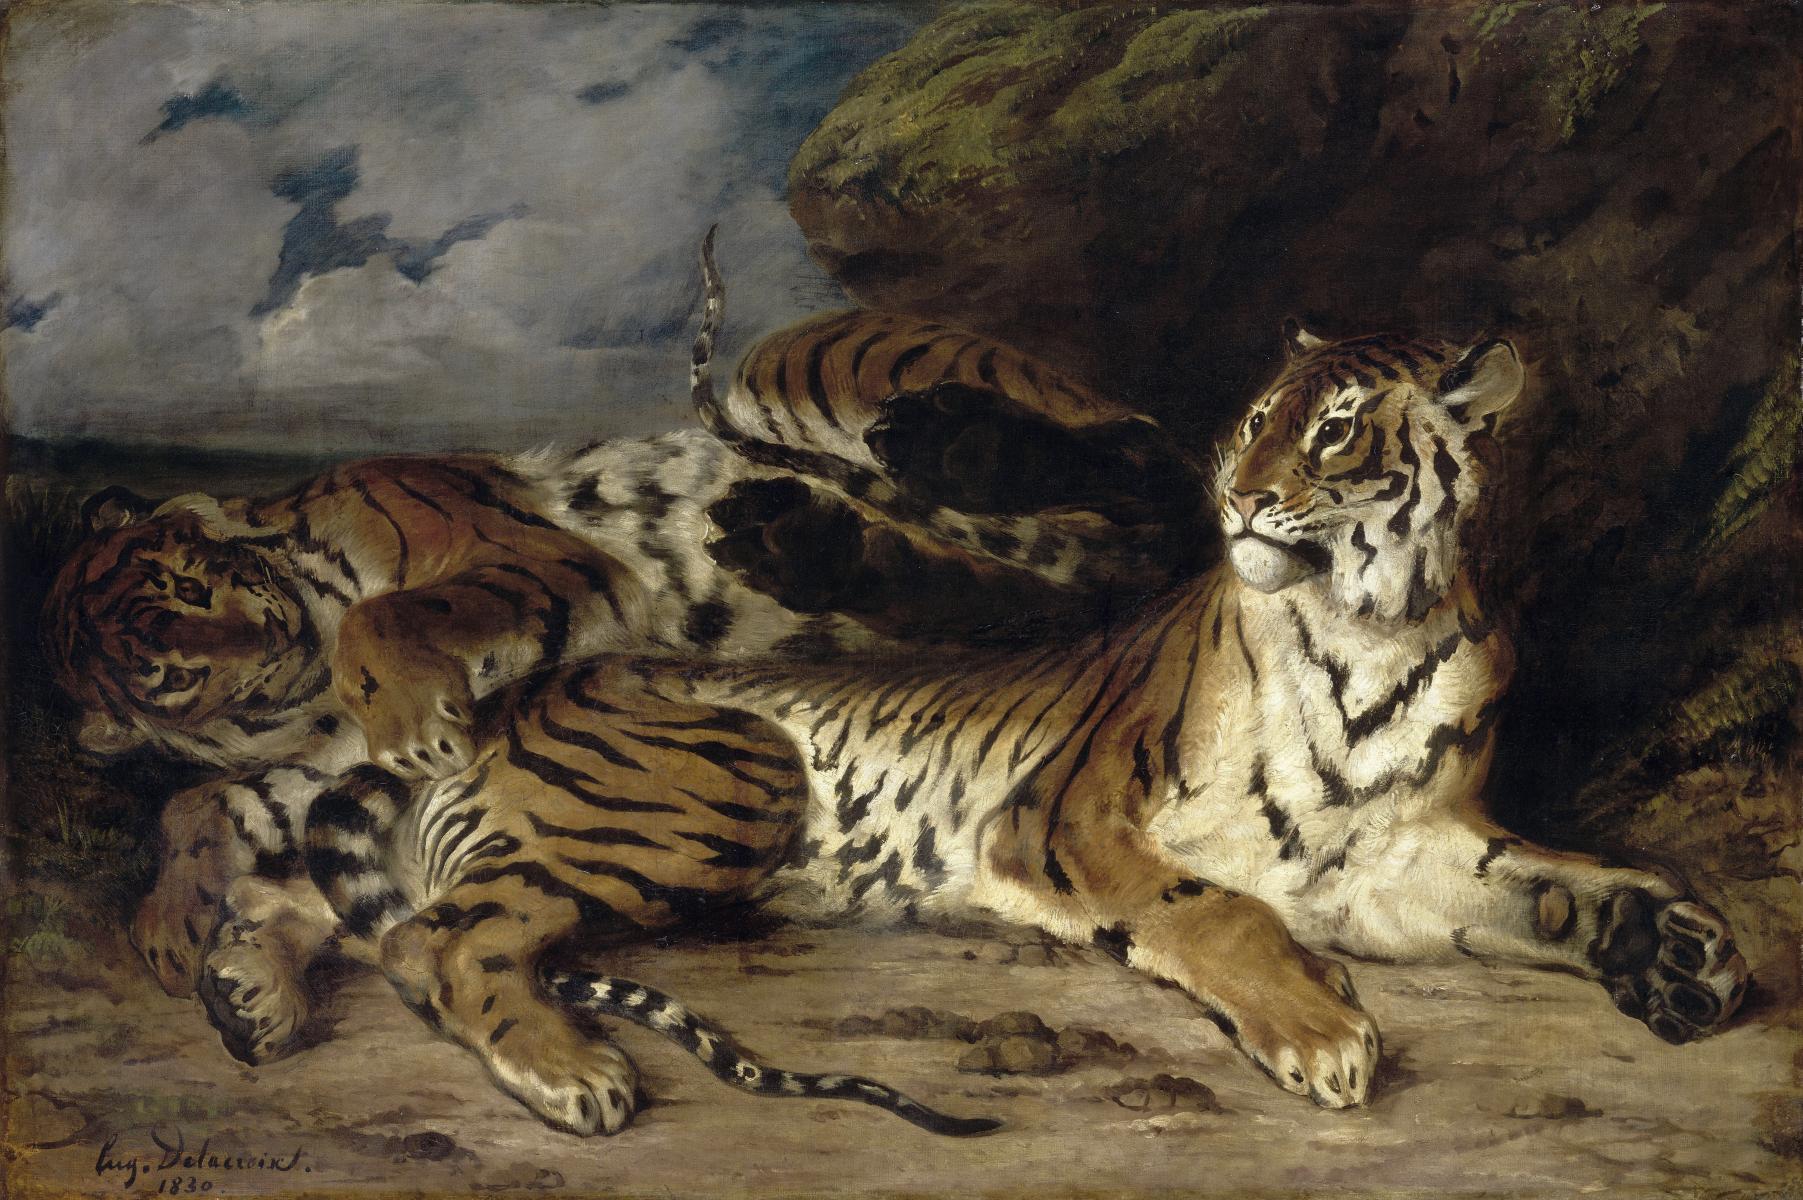 Eugène Delacroix – Jeune tigre jouant avec sa mère (Tigre joven jugando con su madre), 1830-31. Óleo sobre lienzo. 131 x 194,5 cm. Musée du Louvre, Paris. © Musée du Louvre.